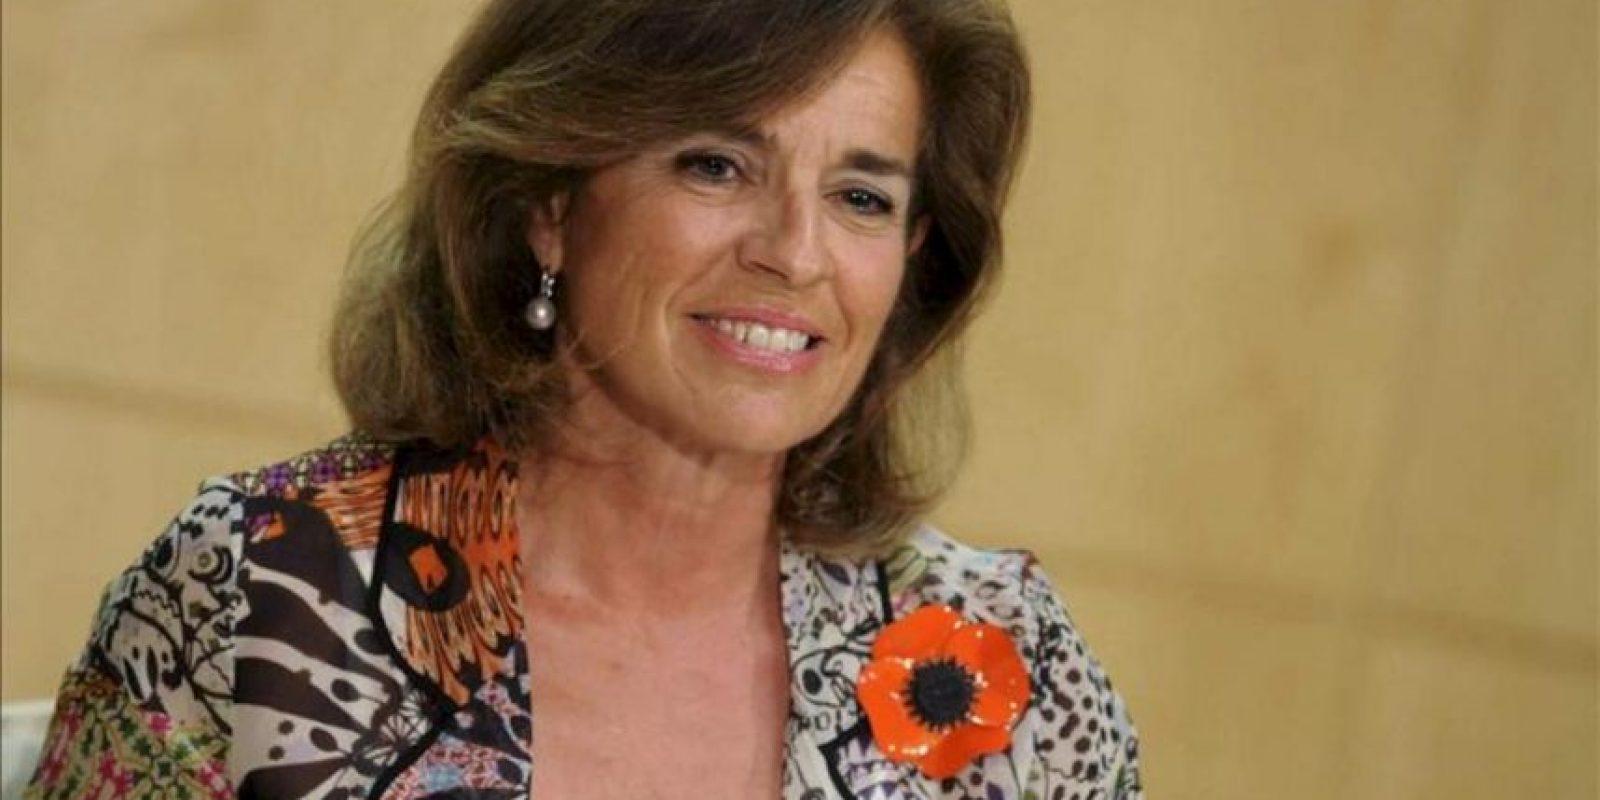 Fotografía facilitada por el Ayuntamiento de Madrid de la alcaldesa, Ana Botella. EFE/Archivo